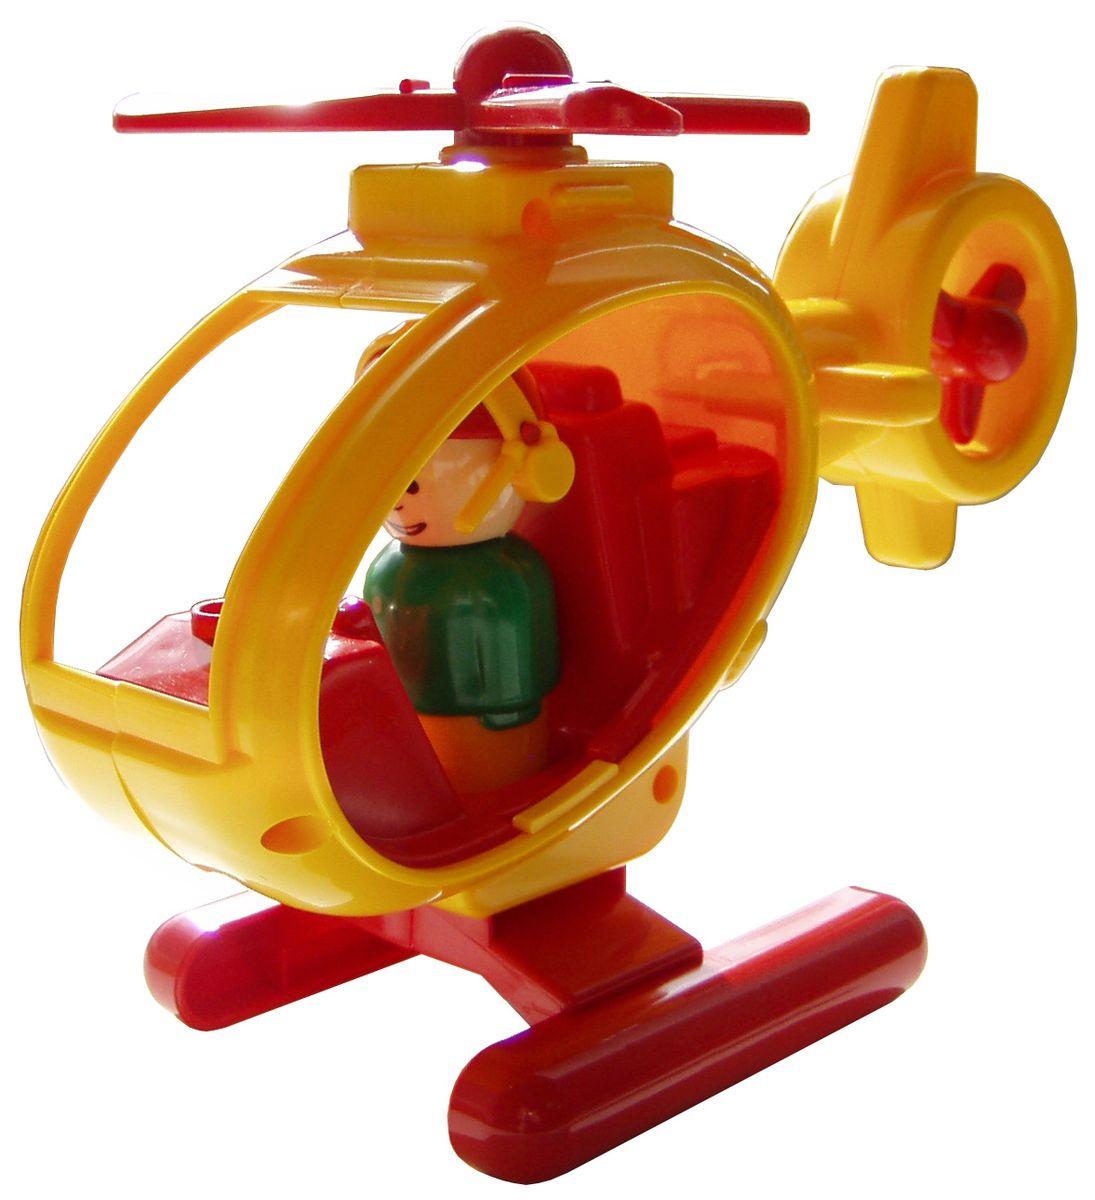 Форма Вертолет Детский сад цвет желтый автомобиль форма детский сад молния цвет в ассортименте в ассортименте с 149 ф